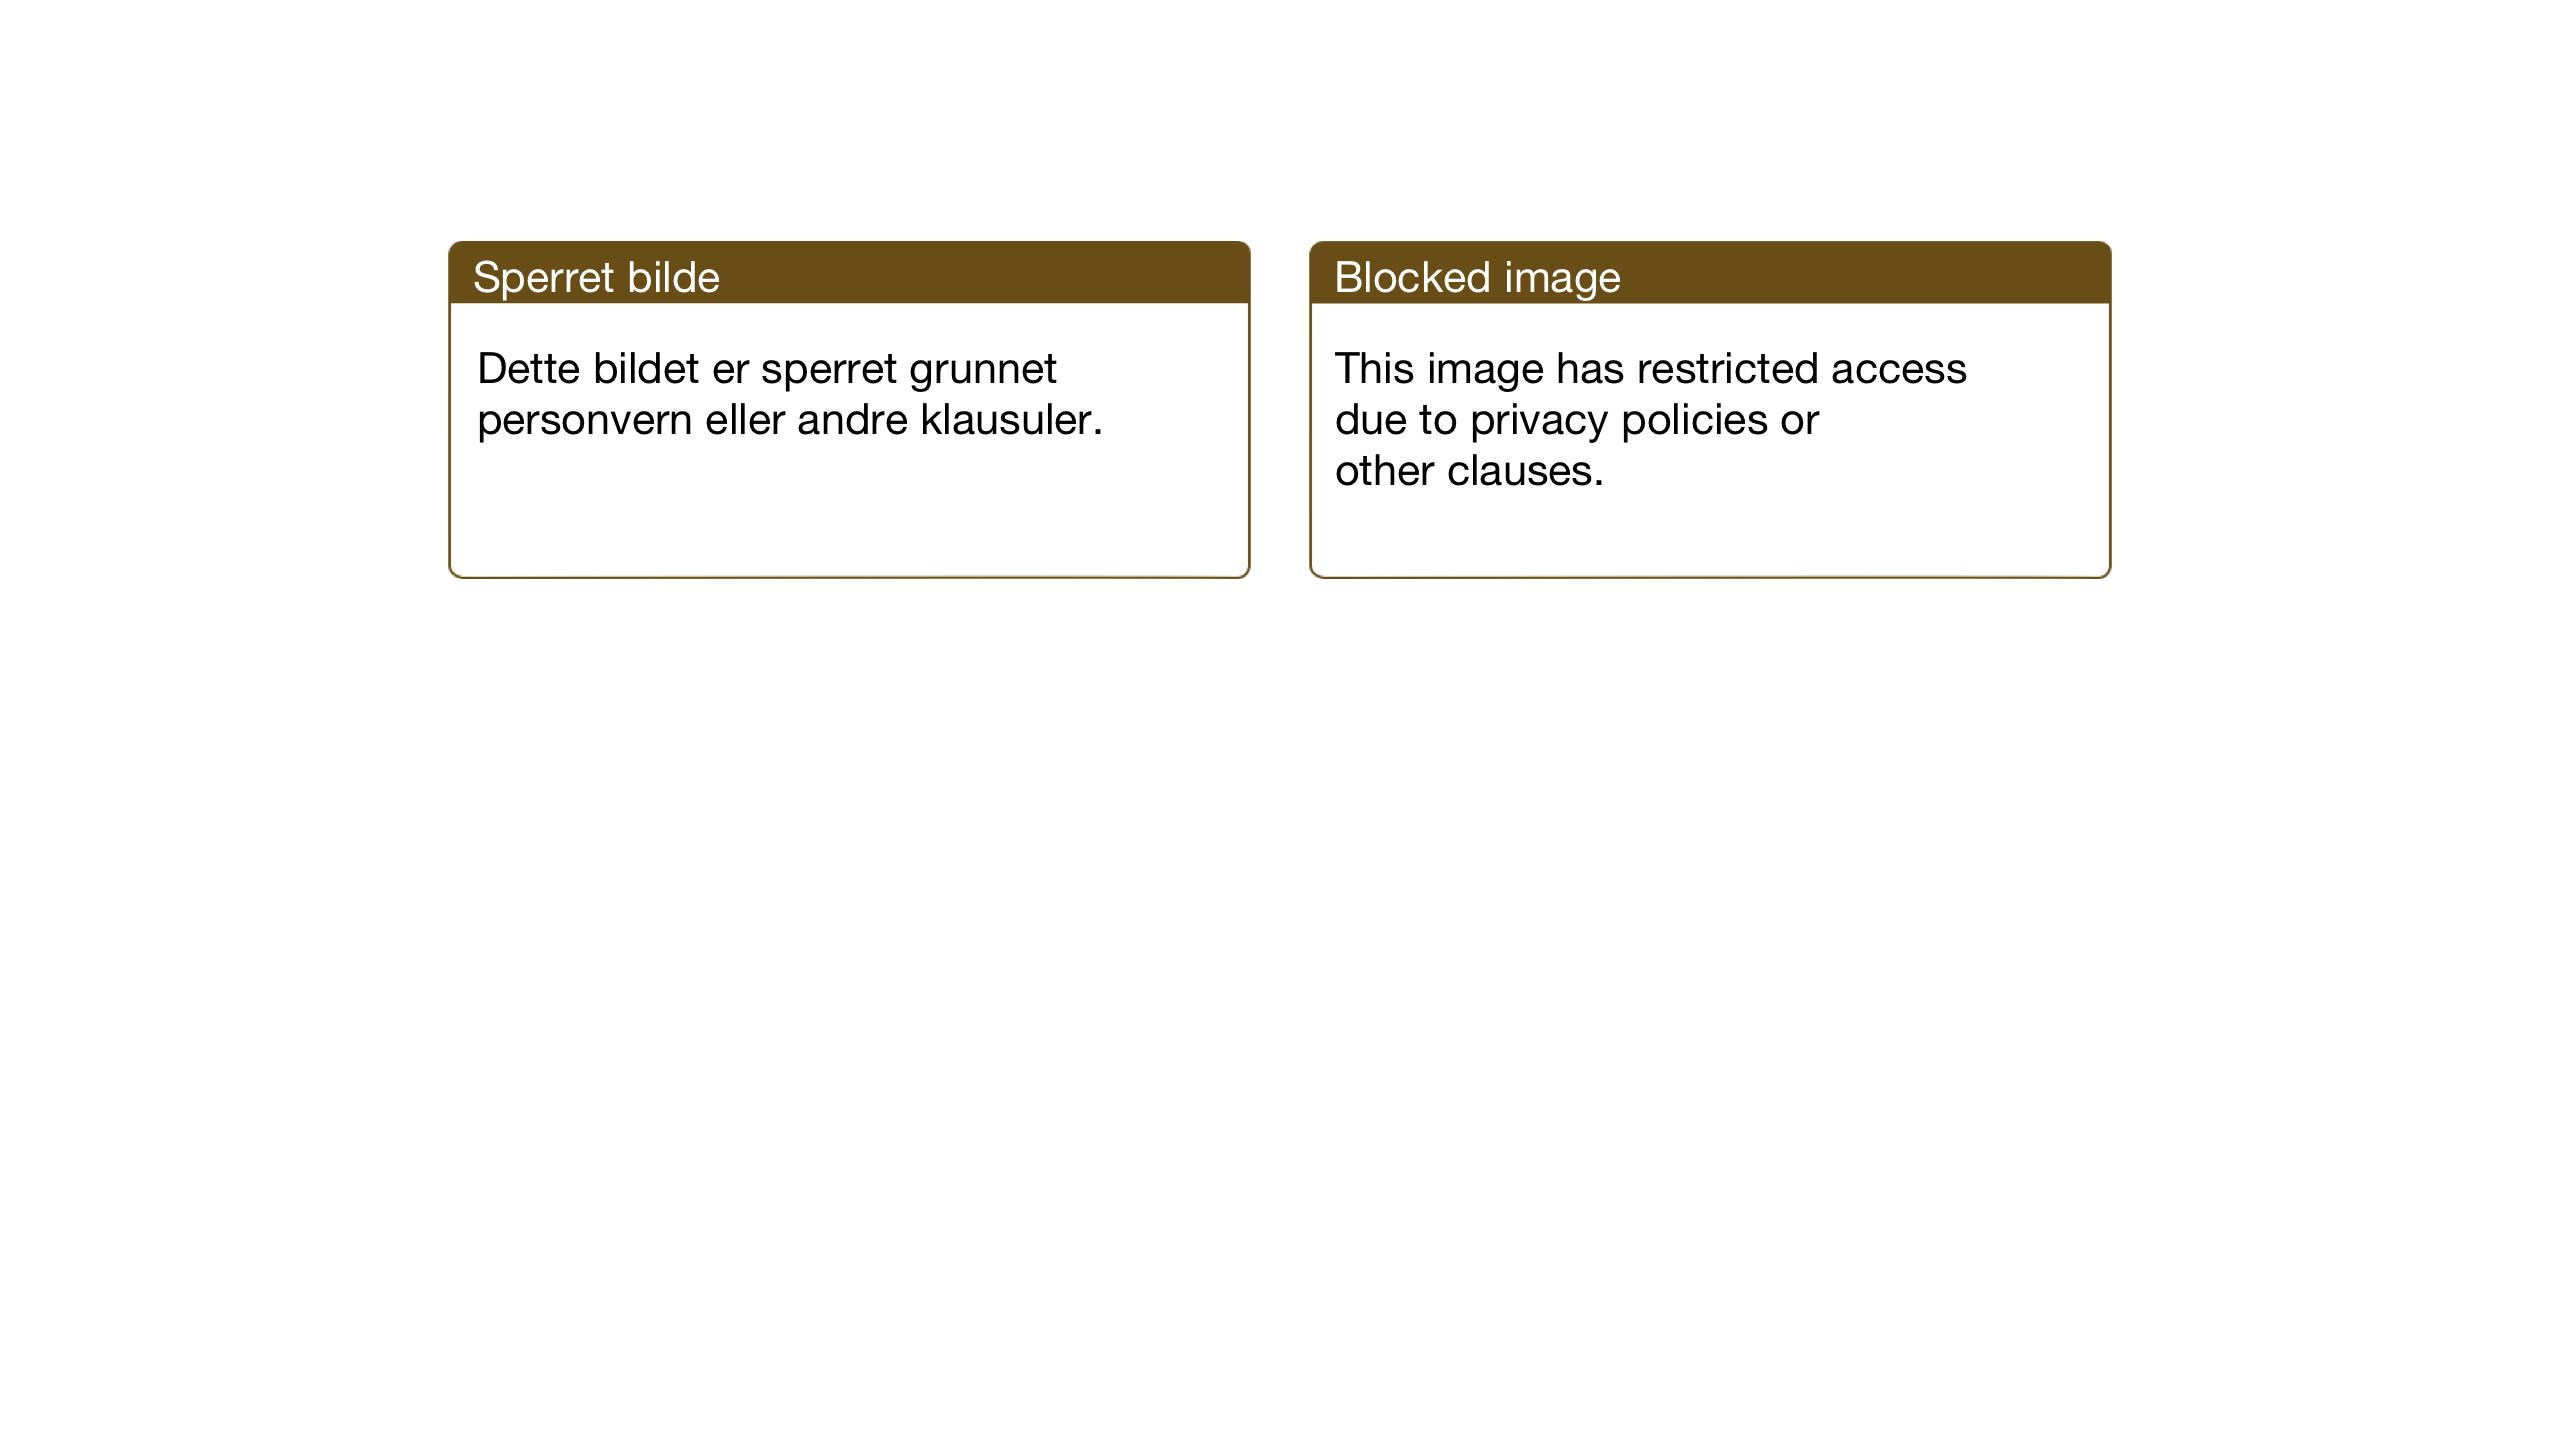 SAT, Ministerialprotokoller, klokkerbøker og fødselsregistre - Nord-Trøndelag, 755/L0500: Klokkerbok nr. 755C01, 1920-1962, s. 97